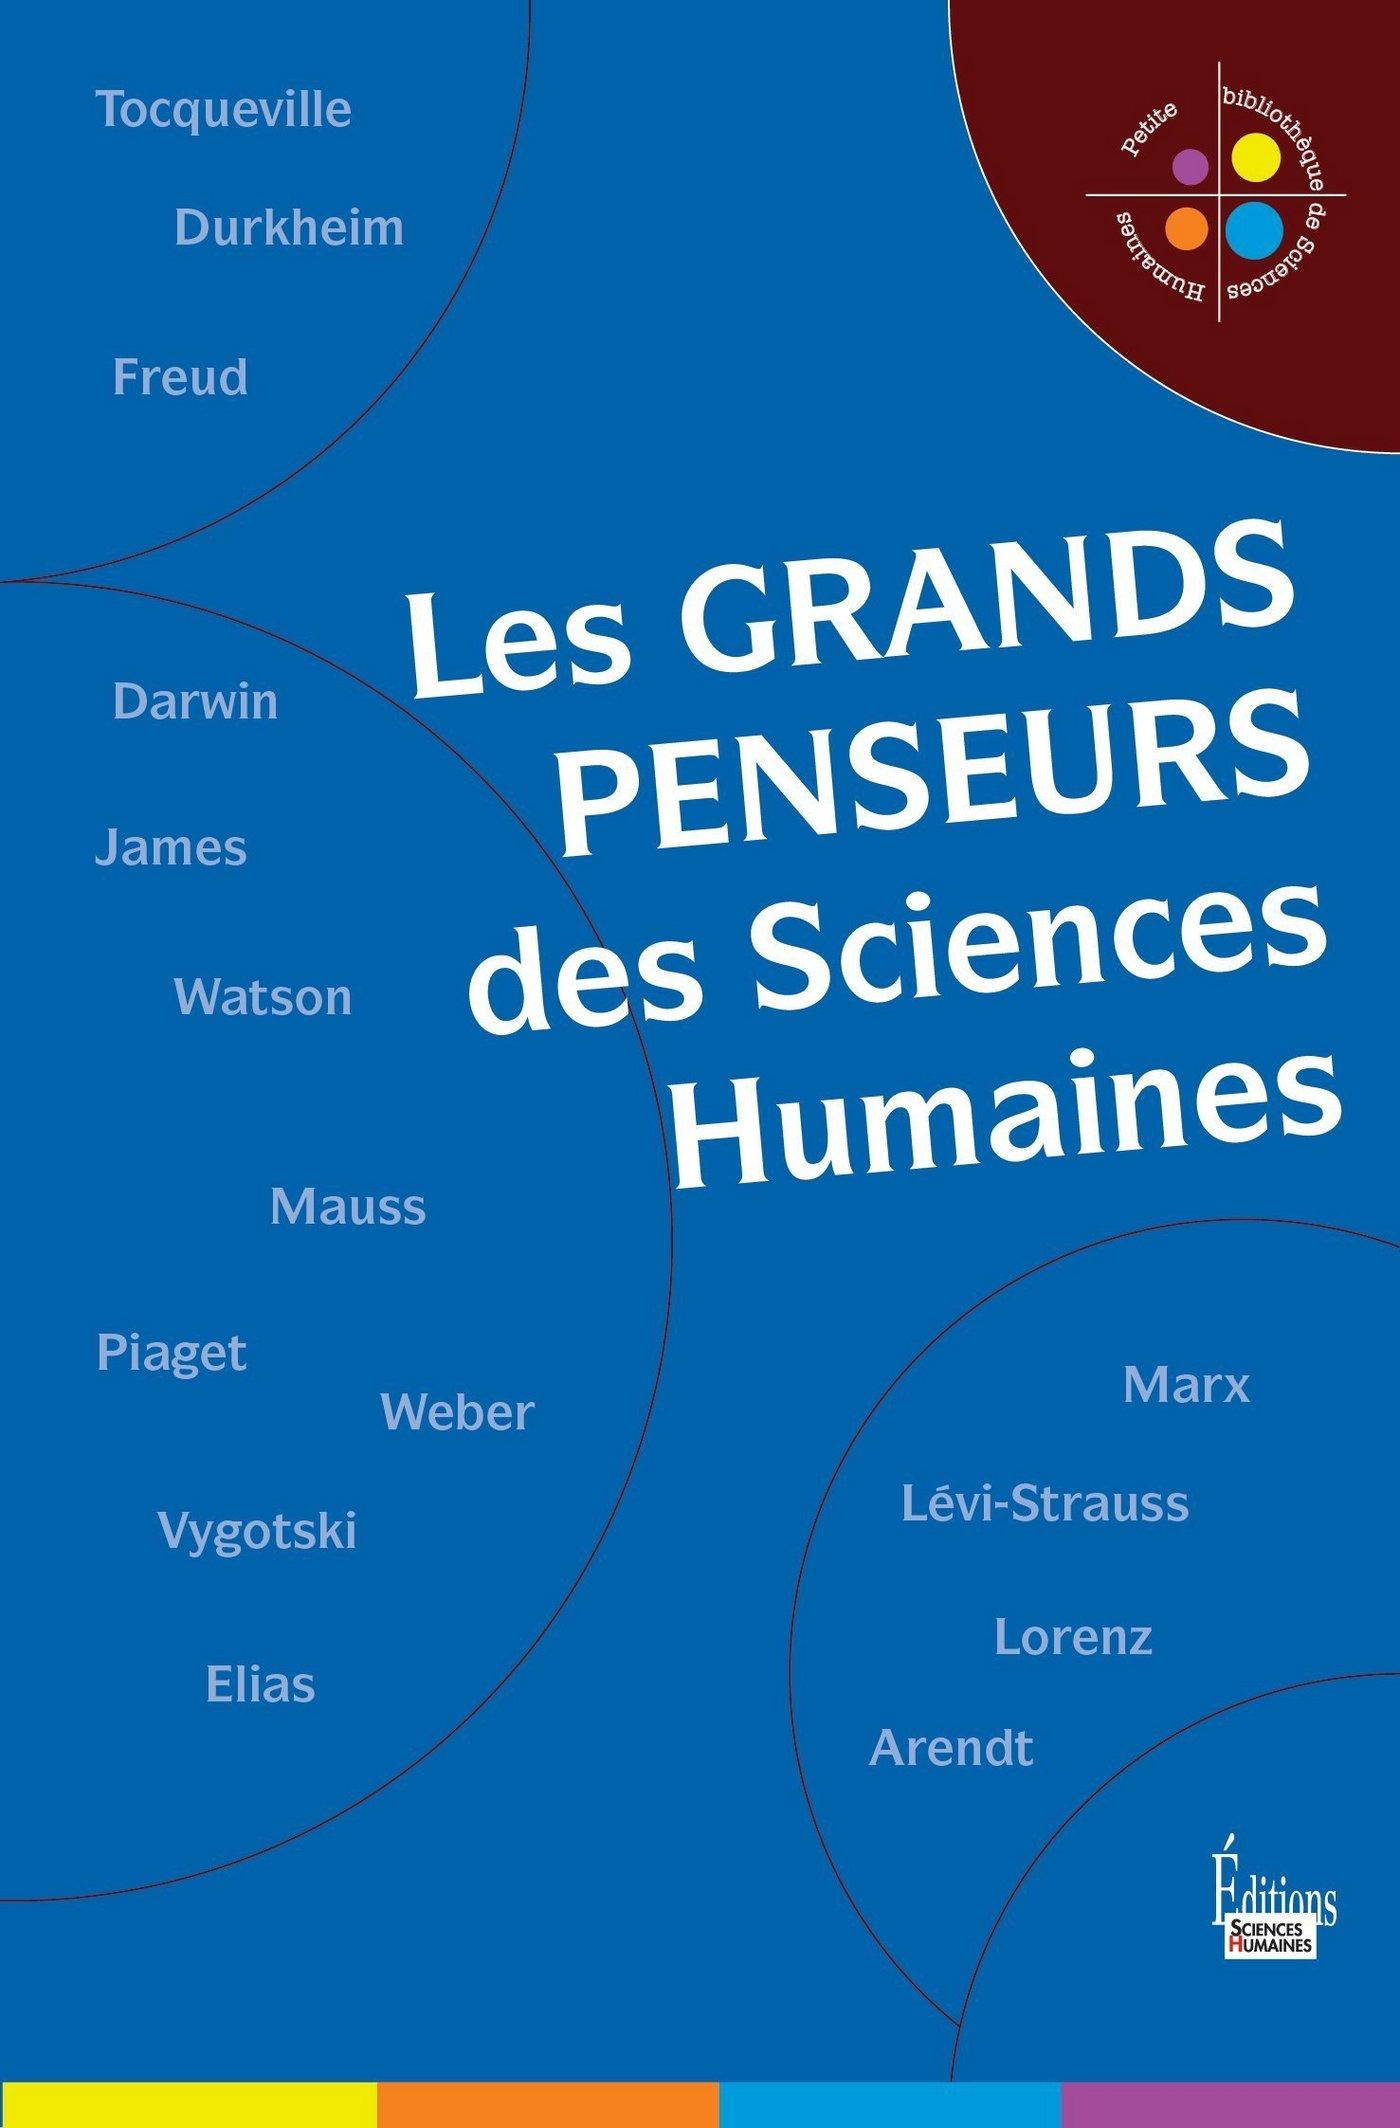 Les Grands penseurs des sciences humaines